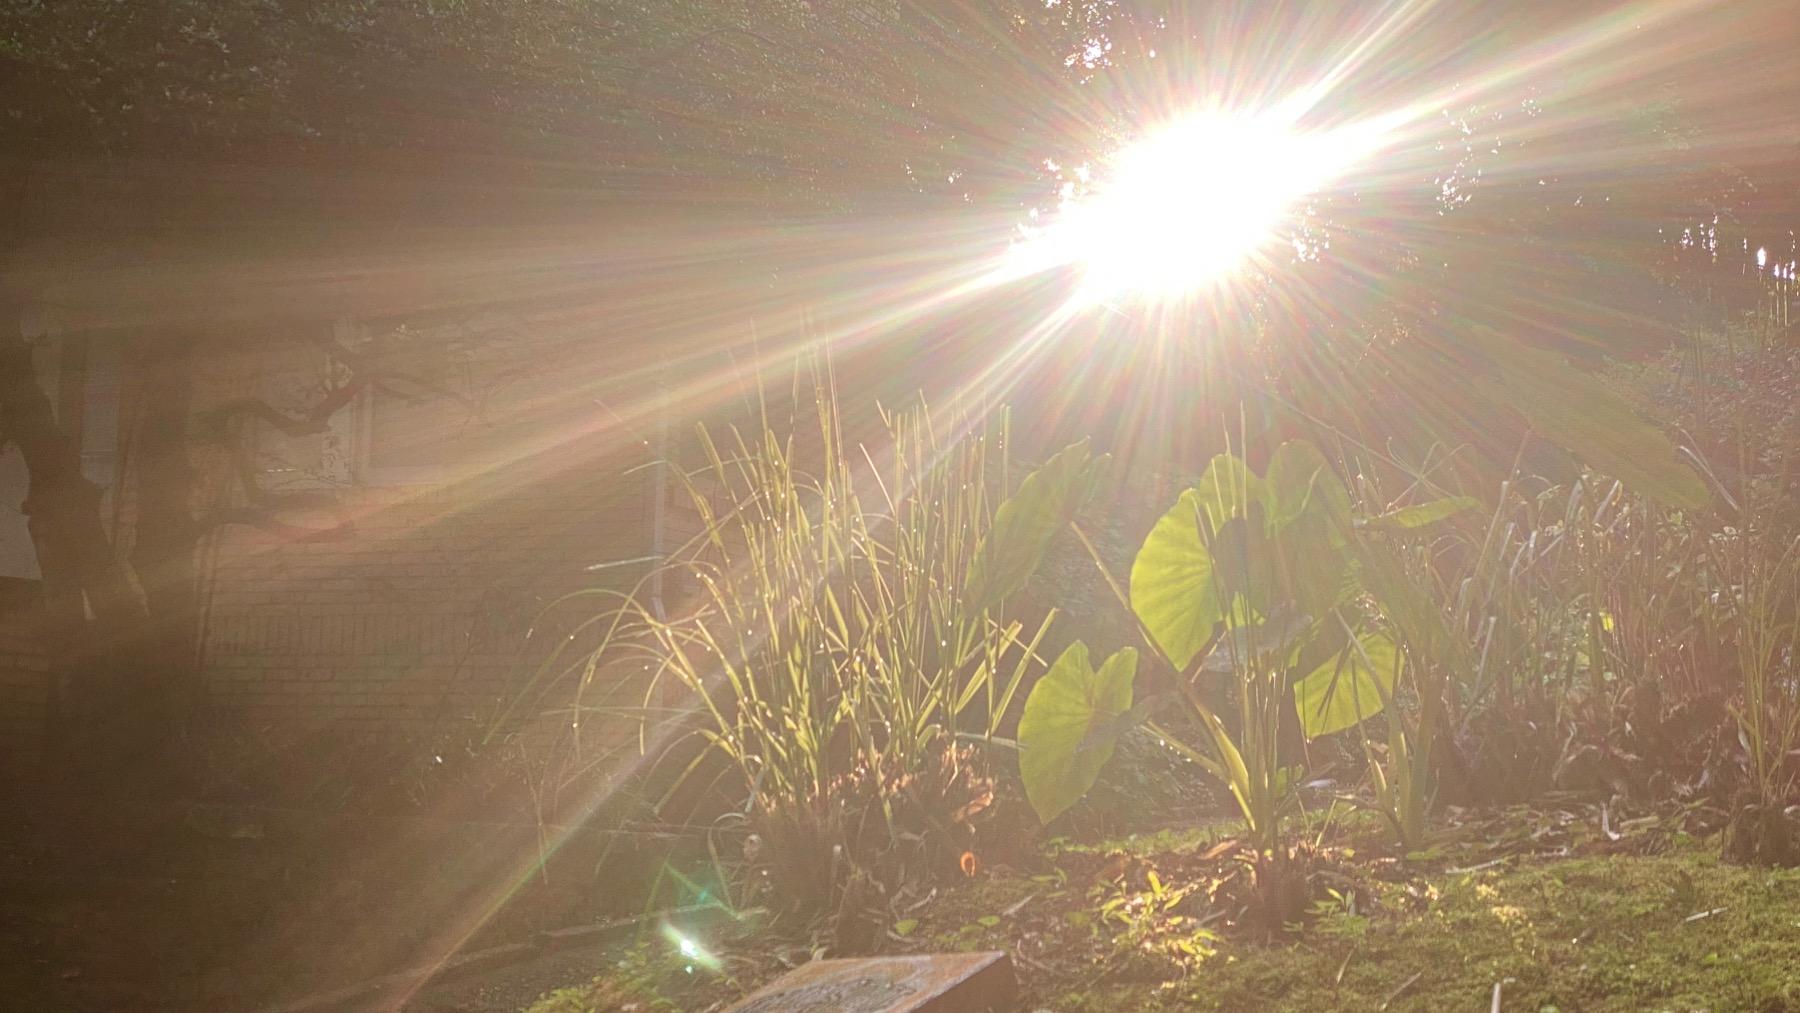 Sun arrives